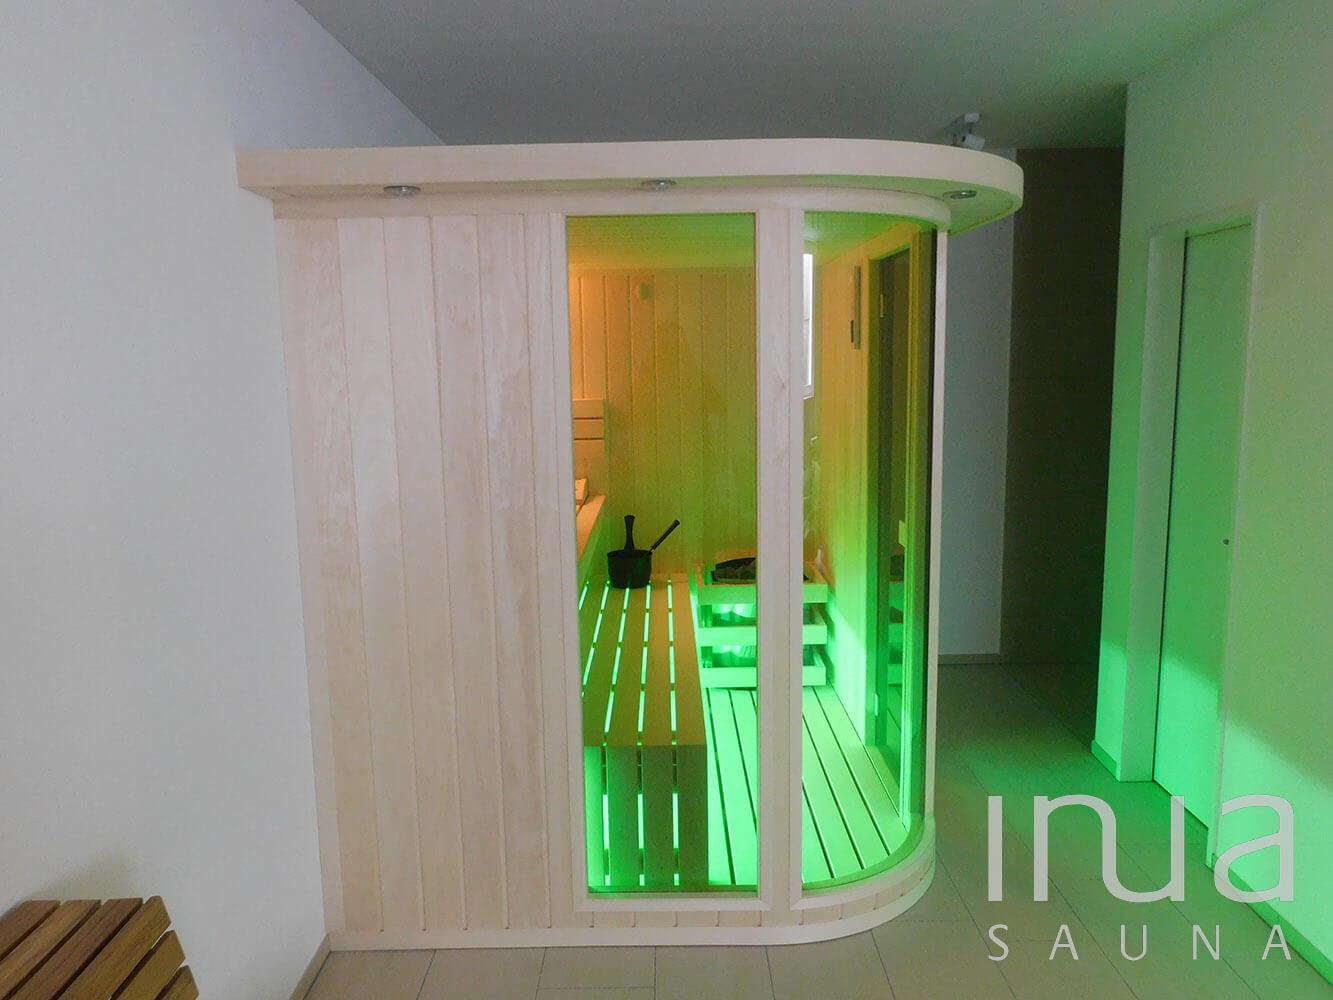 Egyedi ívelt üveges kialakítású beltéri szauna. | Inua Szauna Kft.